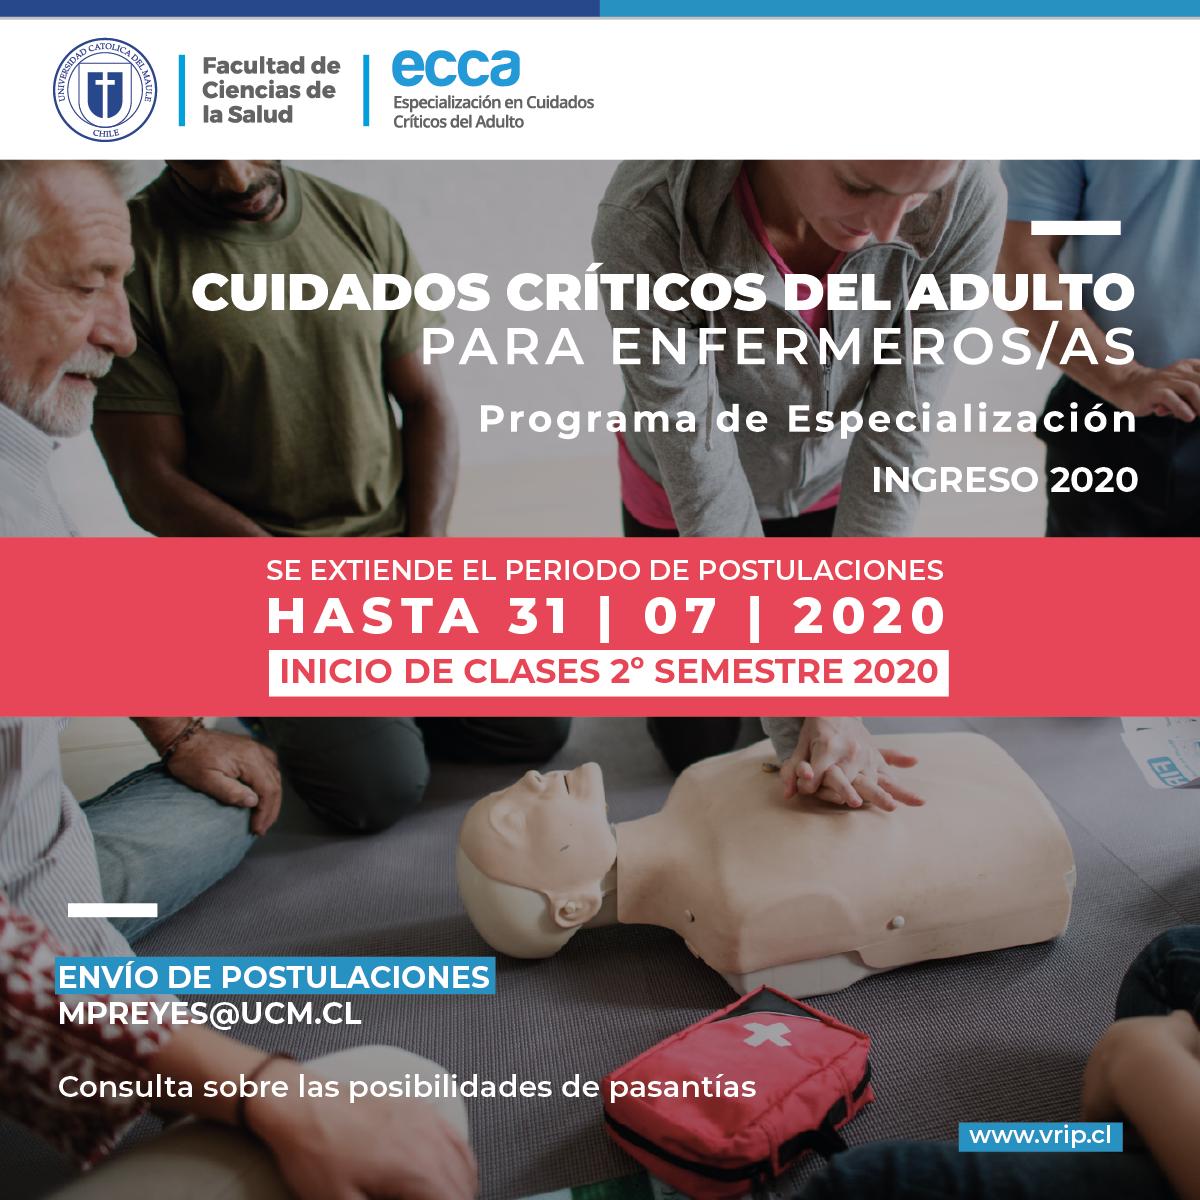 Especialización en Cuidados en Cuidados Críticos del Adulto